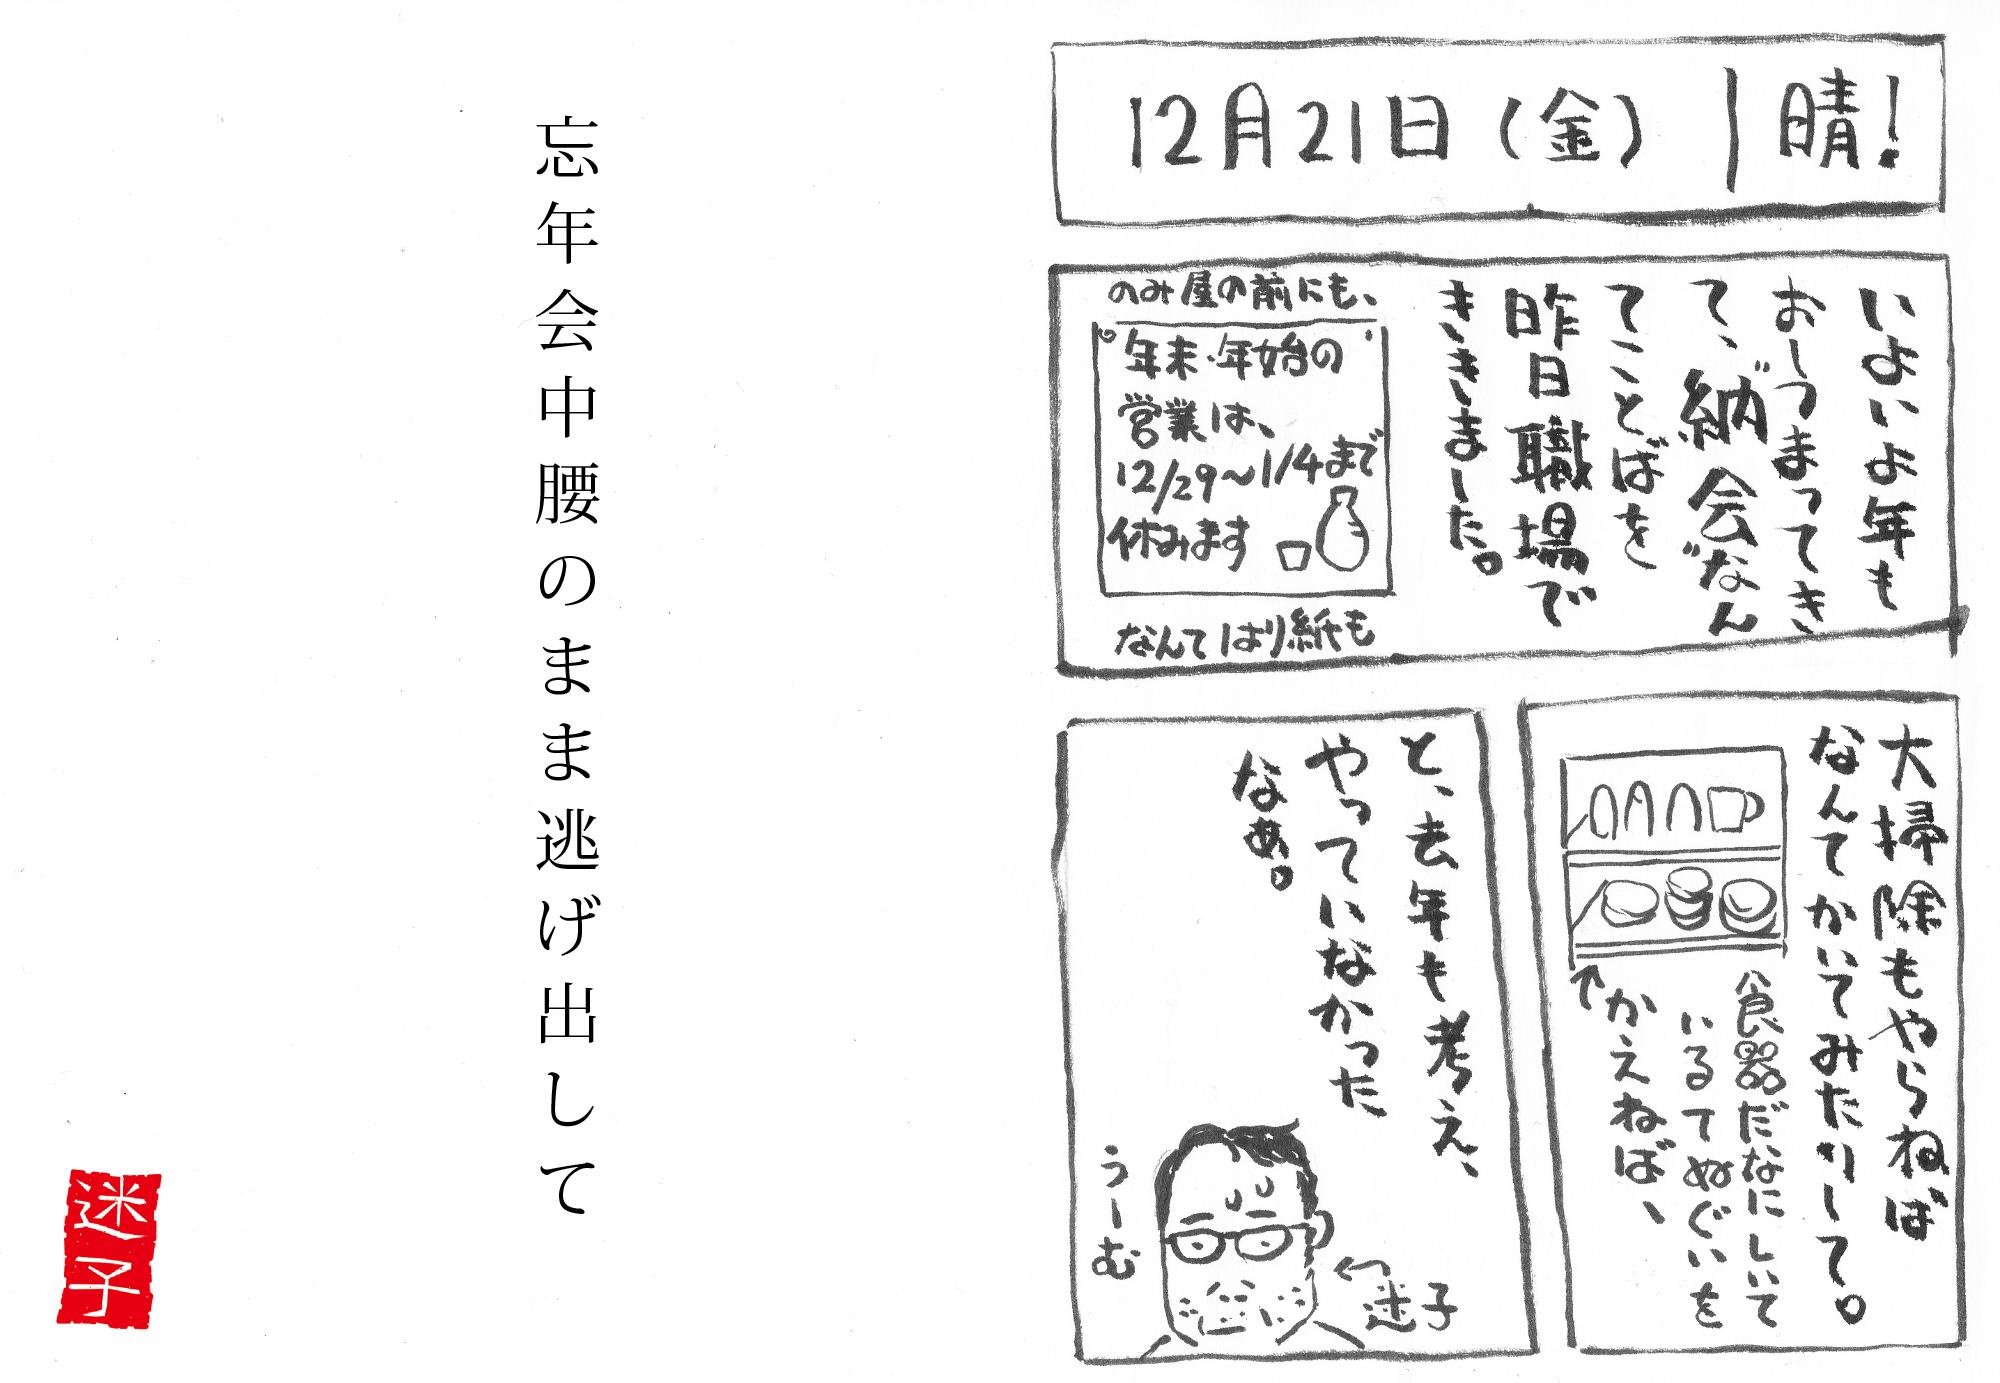 20181221_bonenkai.jpg